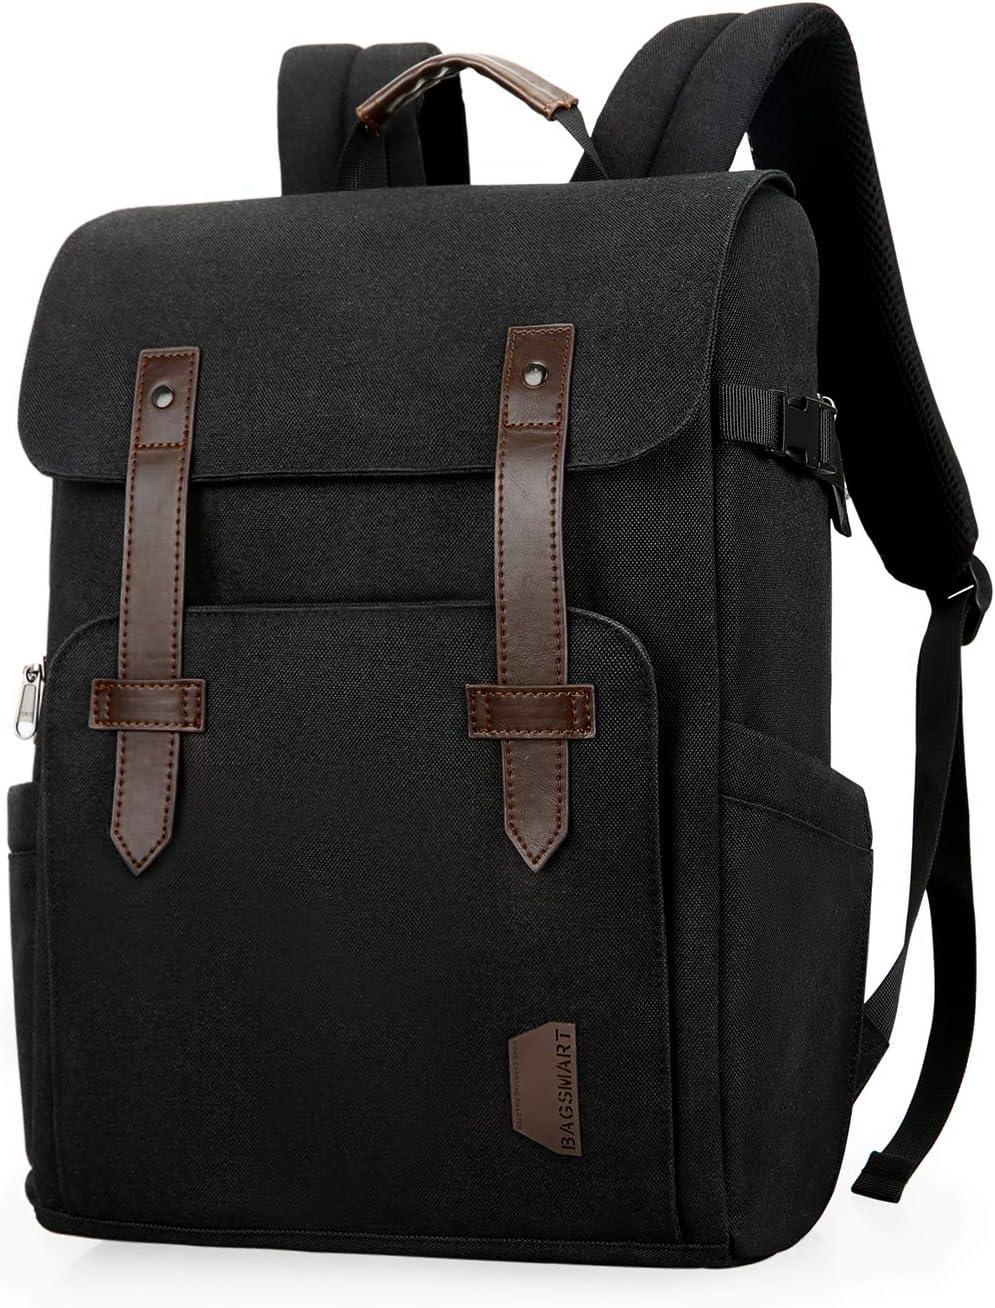 """Camera Bag, BAGSMART Camera Backpack for SLR/DSLR Cameras, 15.6"""" Laptop with Waterproof Rain Cover & Tripod Mount, Black."""